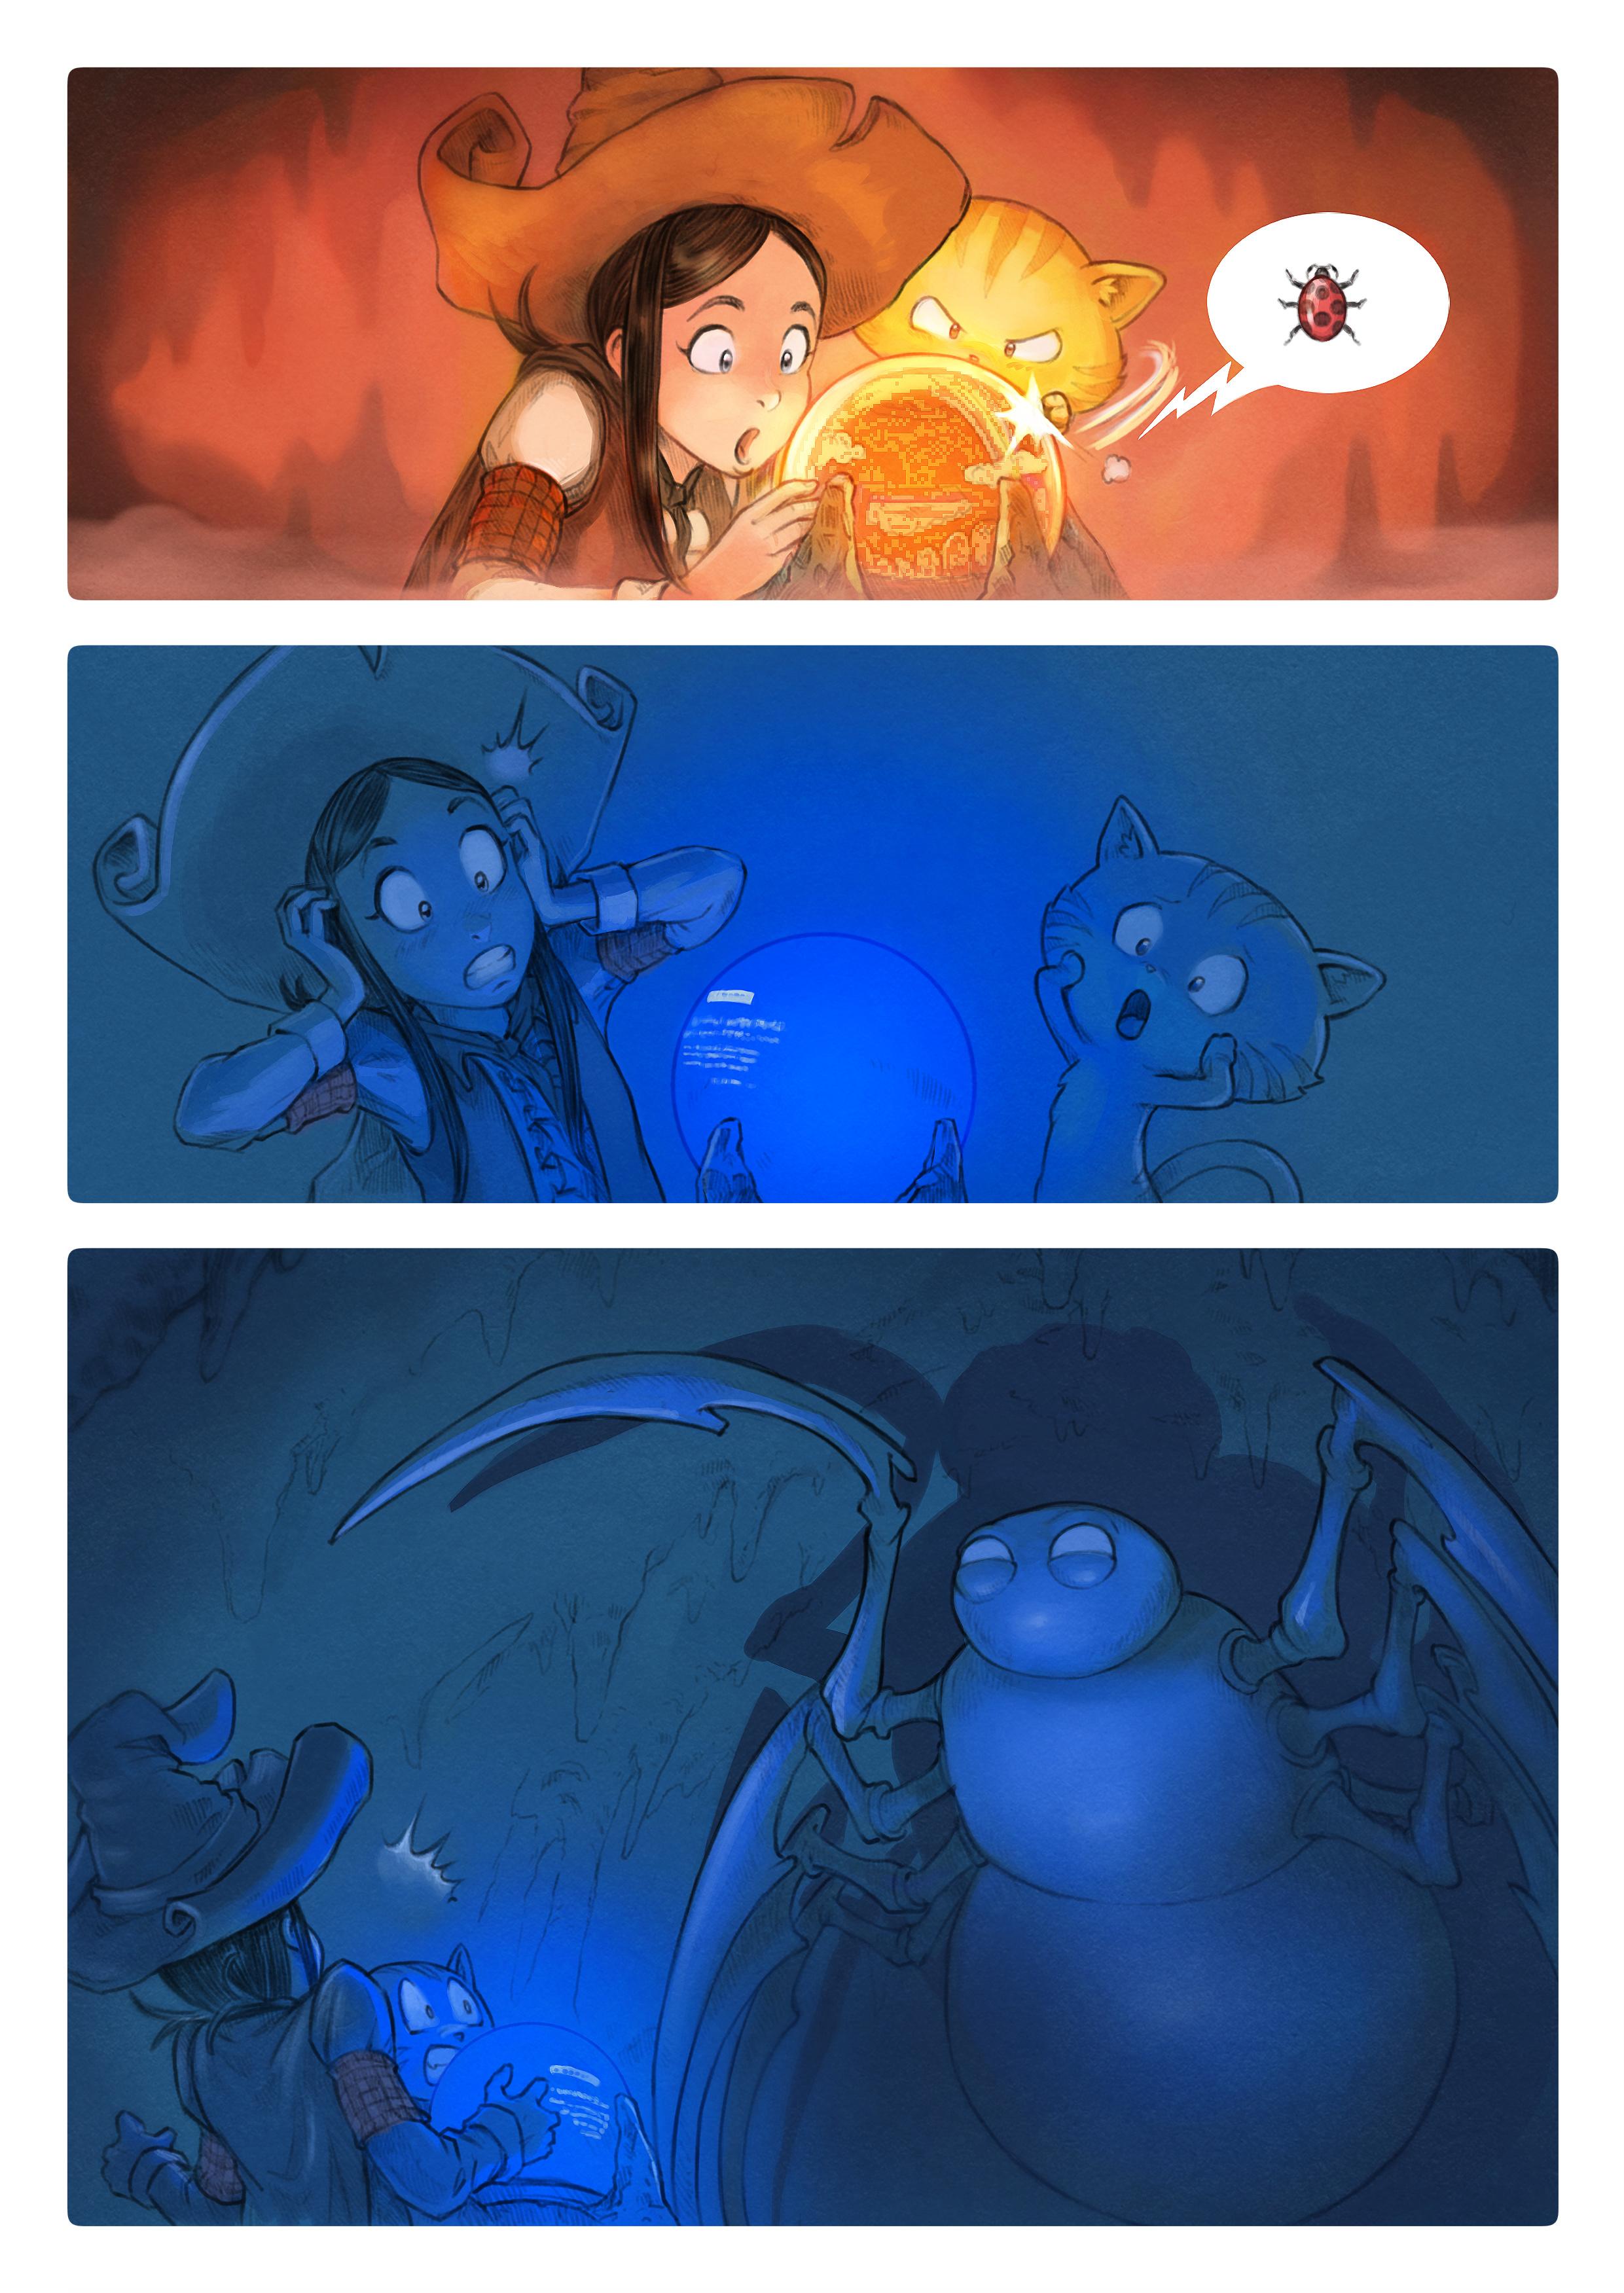 エピソード 15: 水晶玉, ページ 5